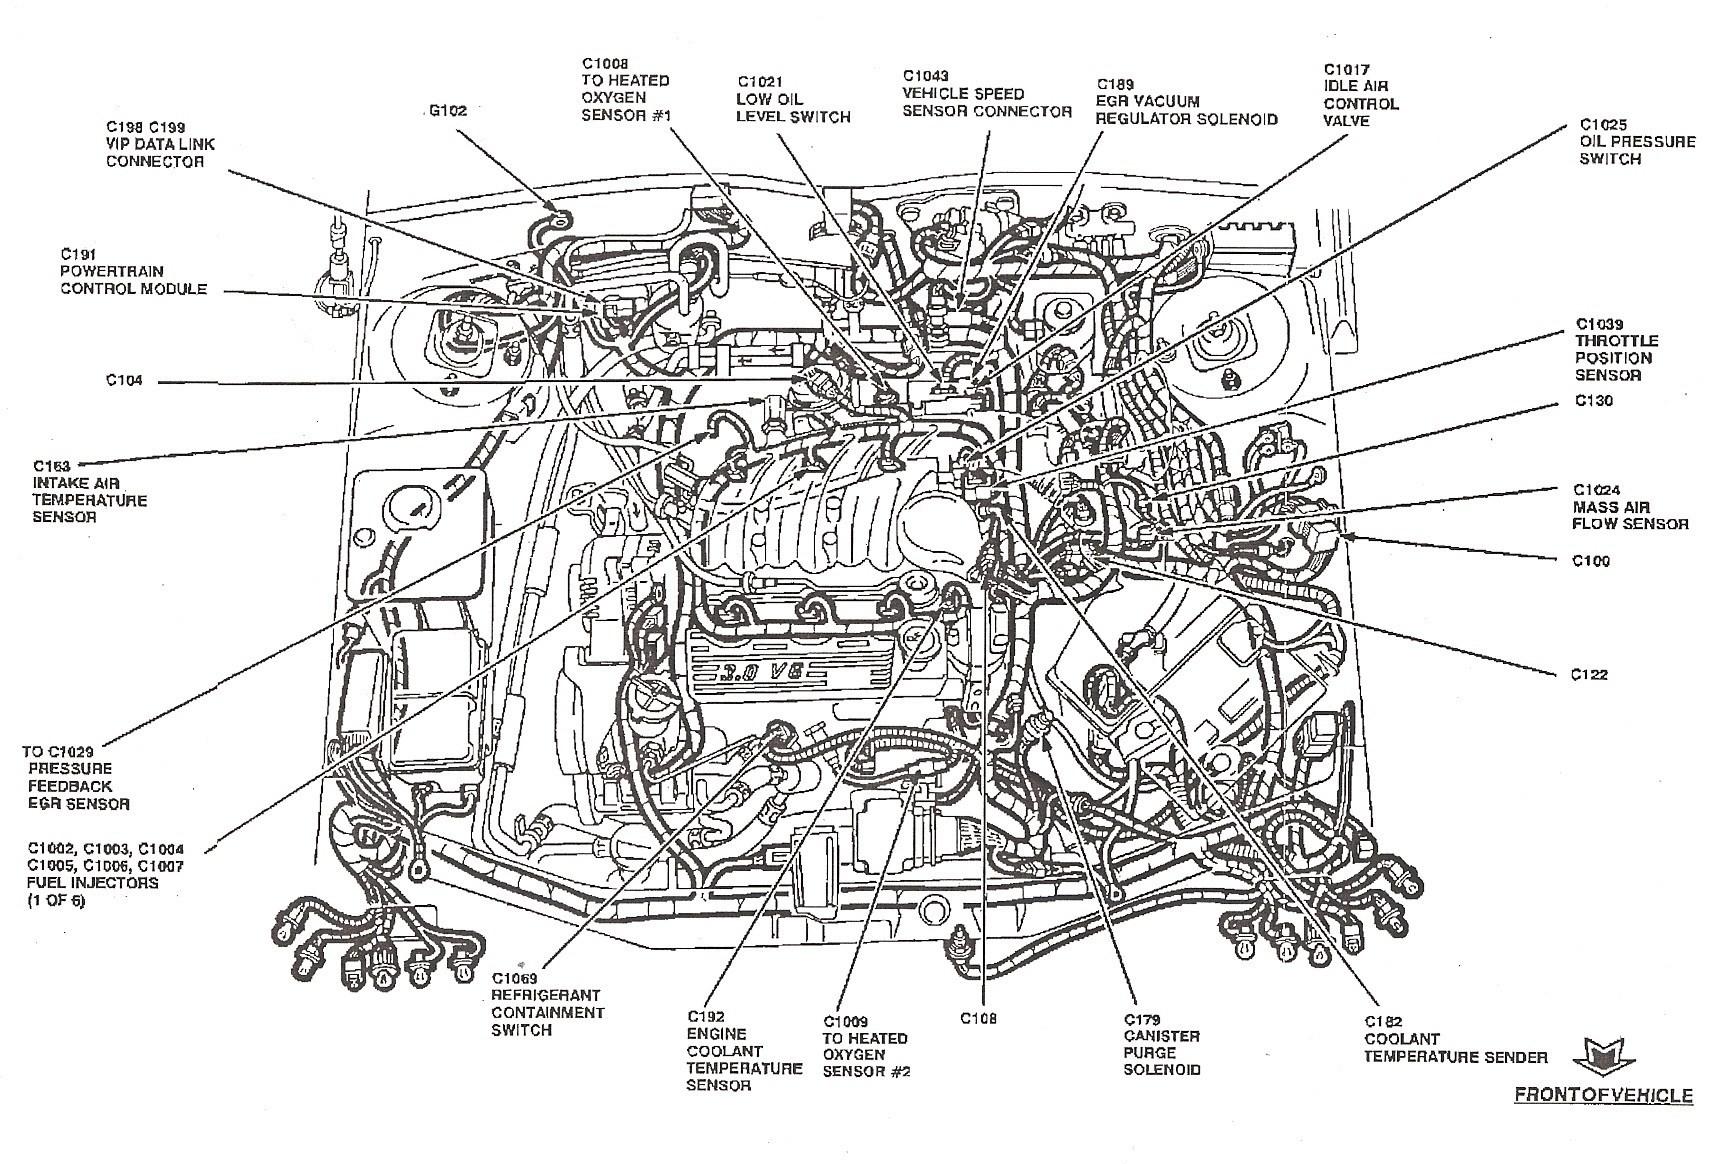 2006 ford taurus engine diagram fuel line diagram ford taurus fuel line  diagram ford f150 fuel